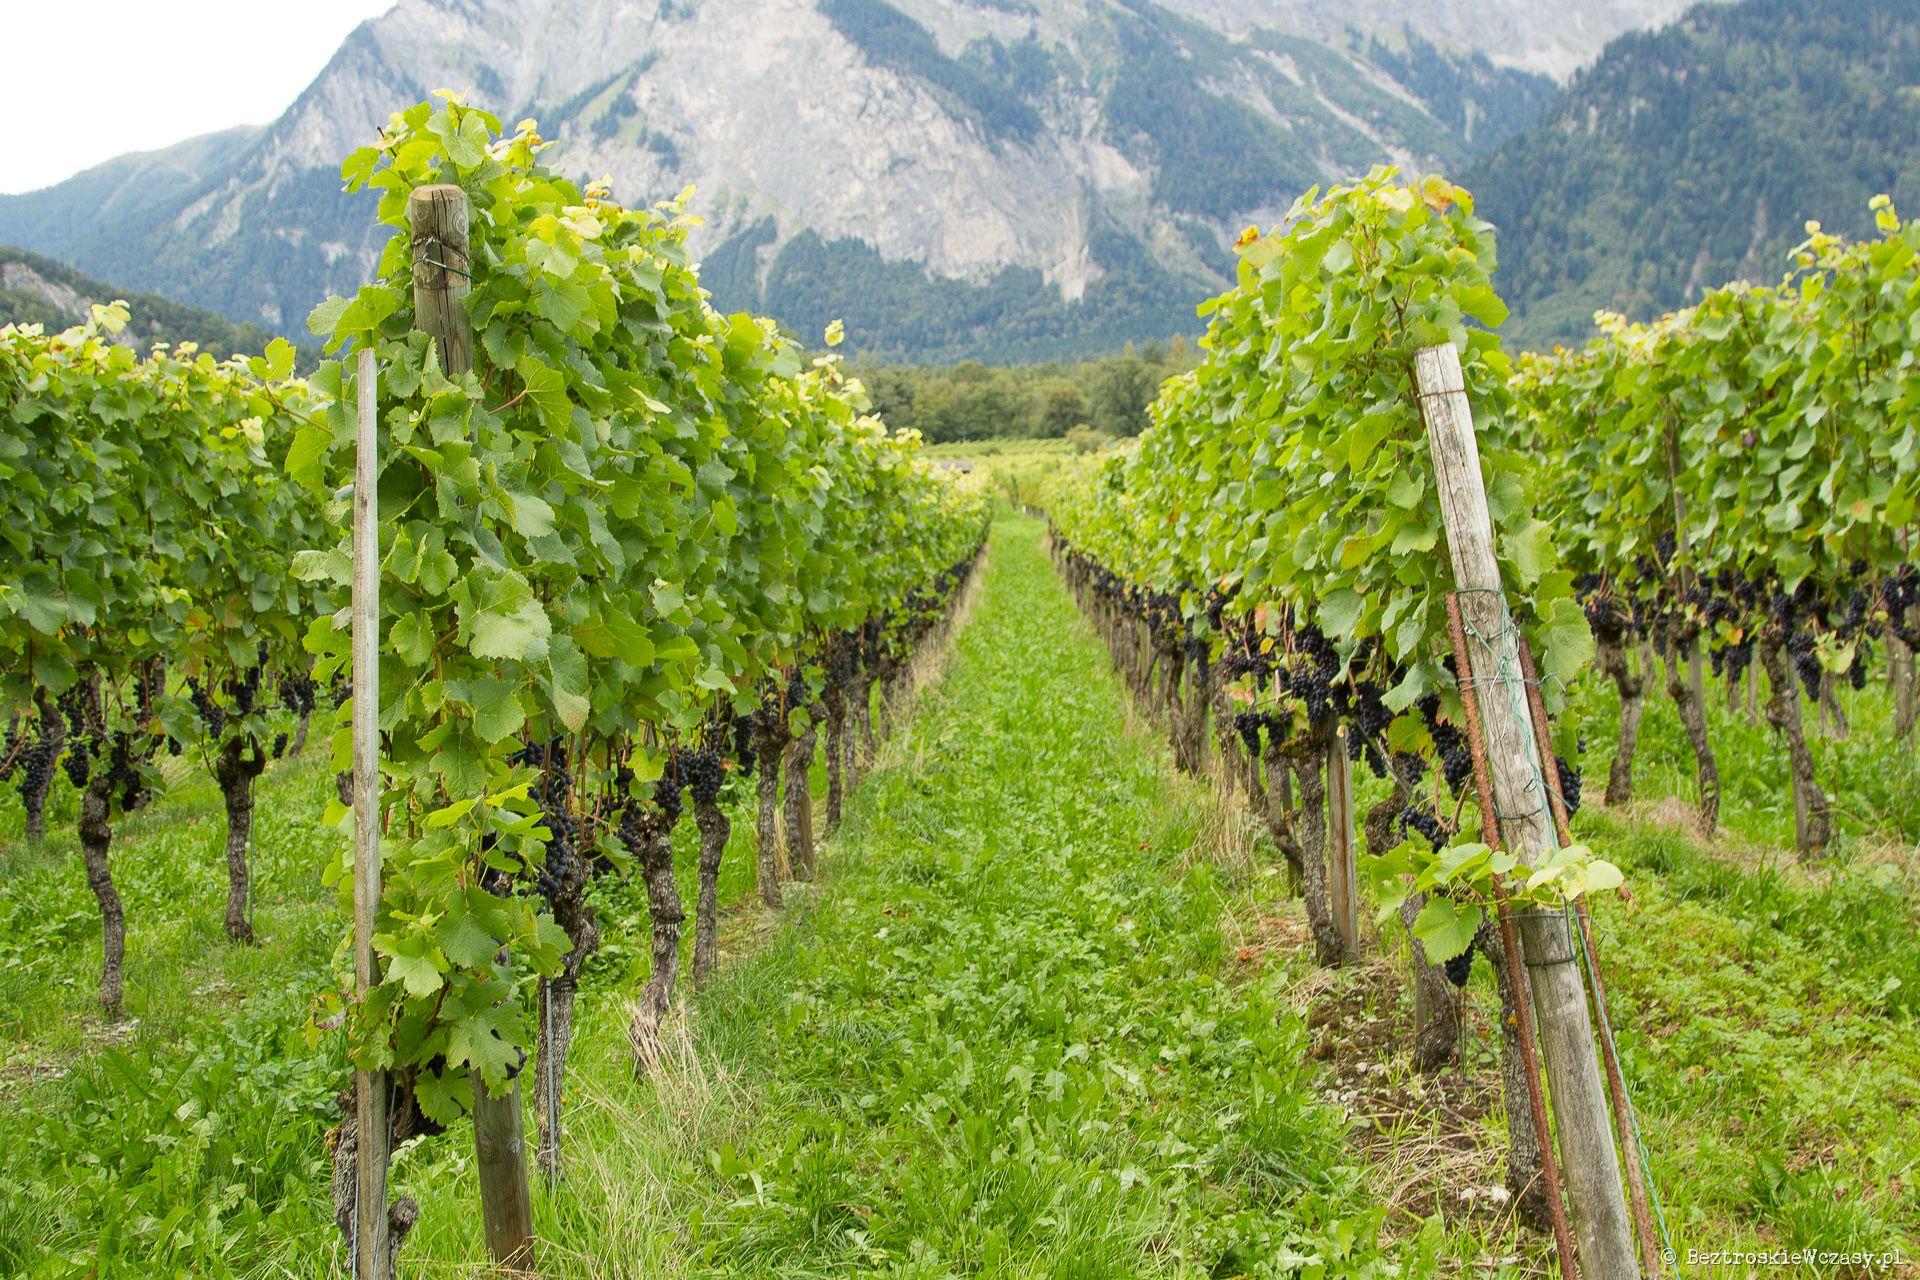 Szwajcaria: pola winne w Maienfeld